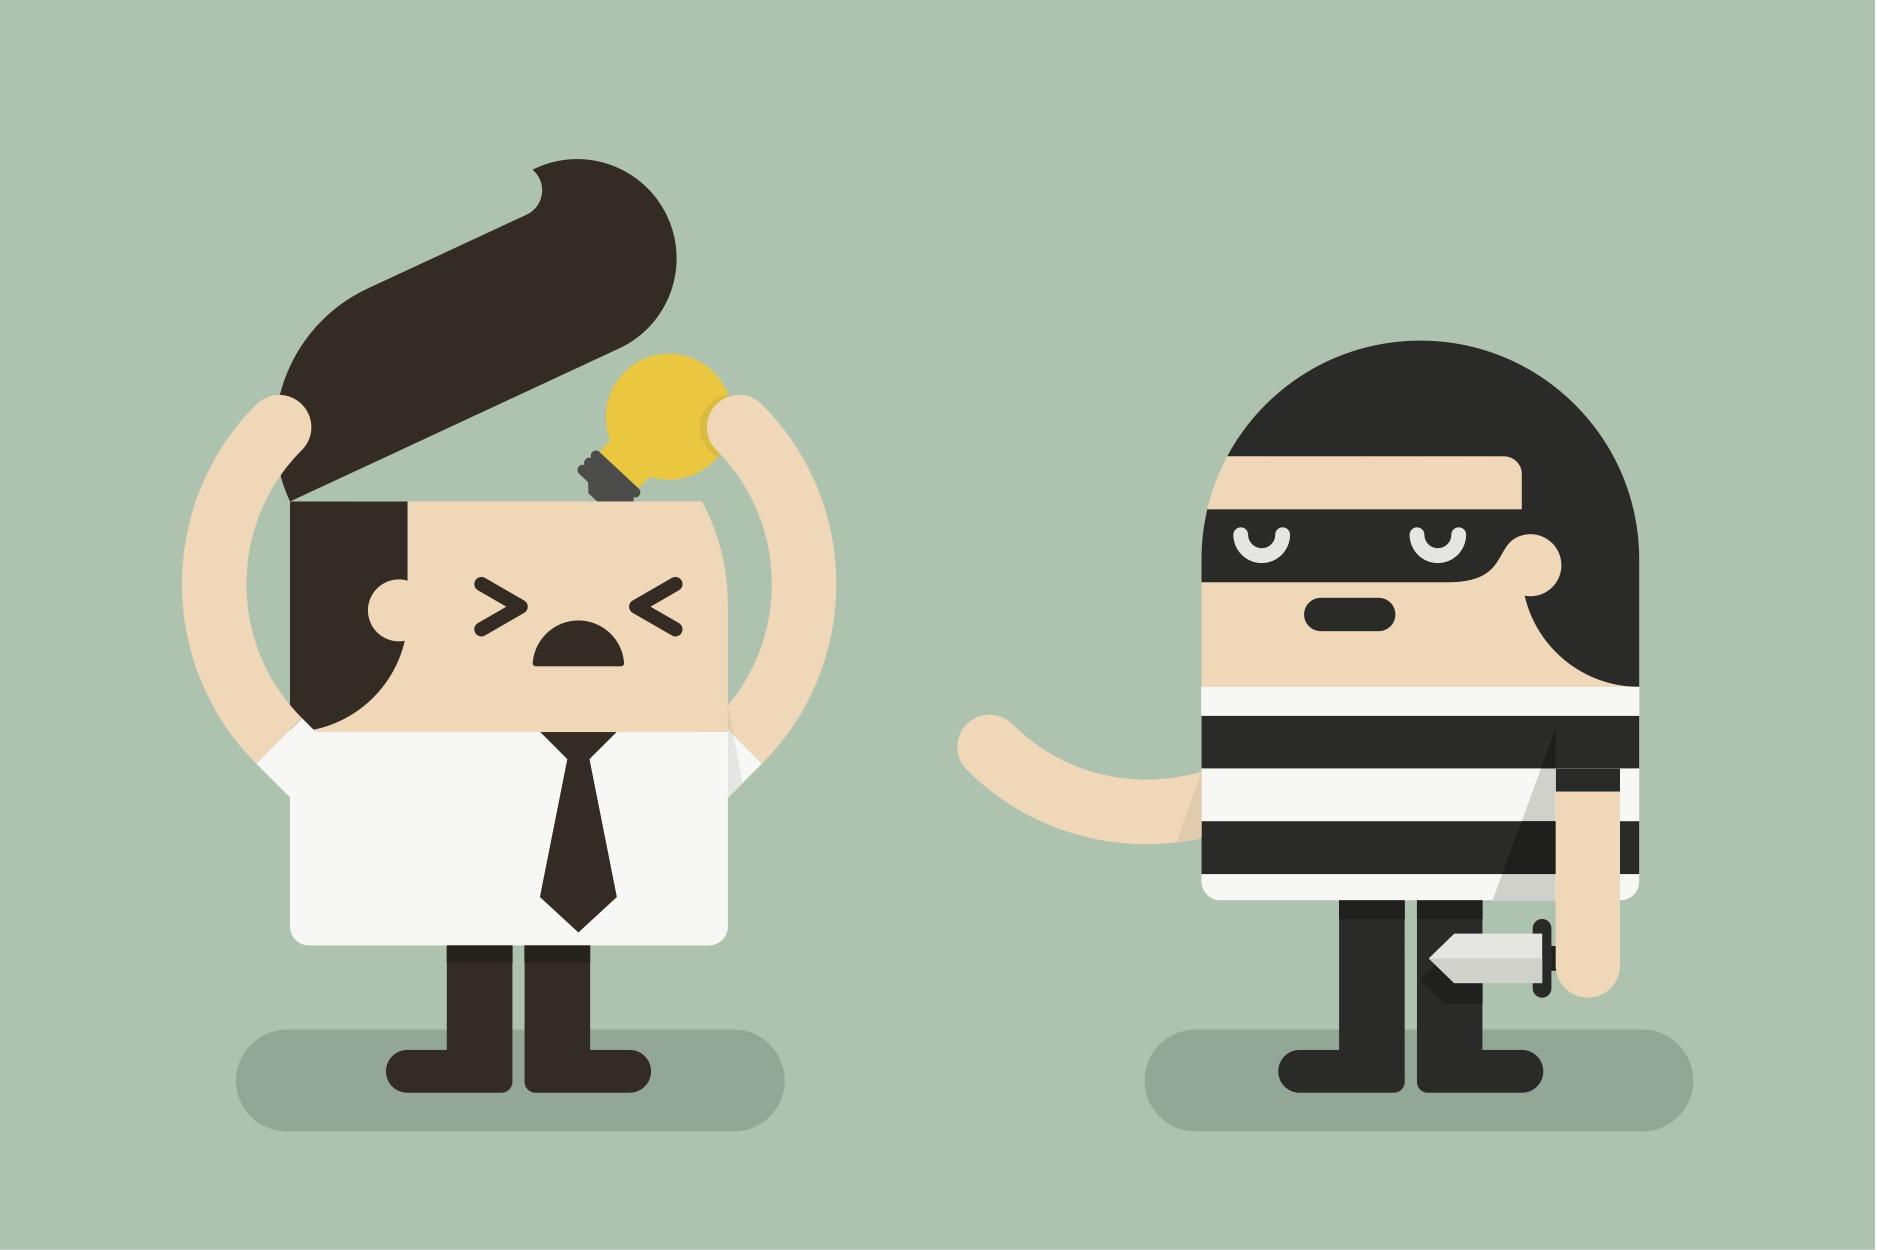 Tư vấn về hành vi cạnh tranh không lành mạnh trong sở hữu trí tuệ